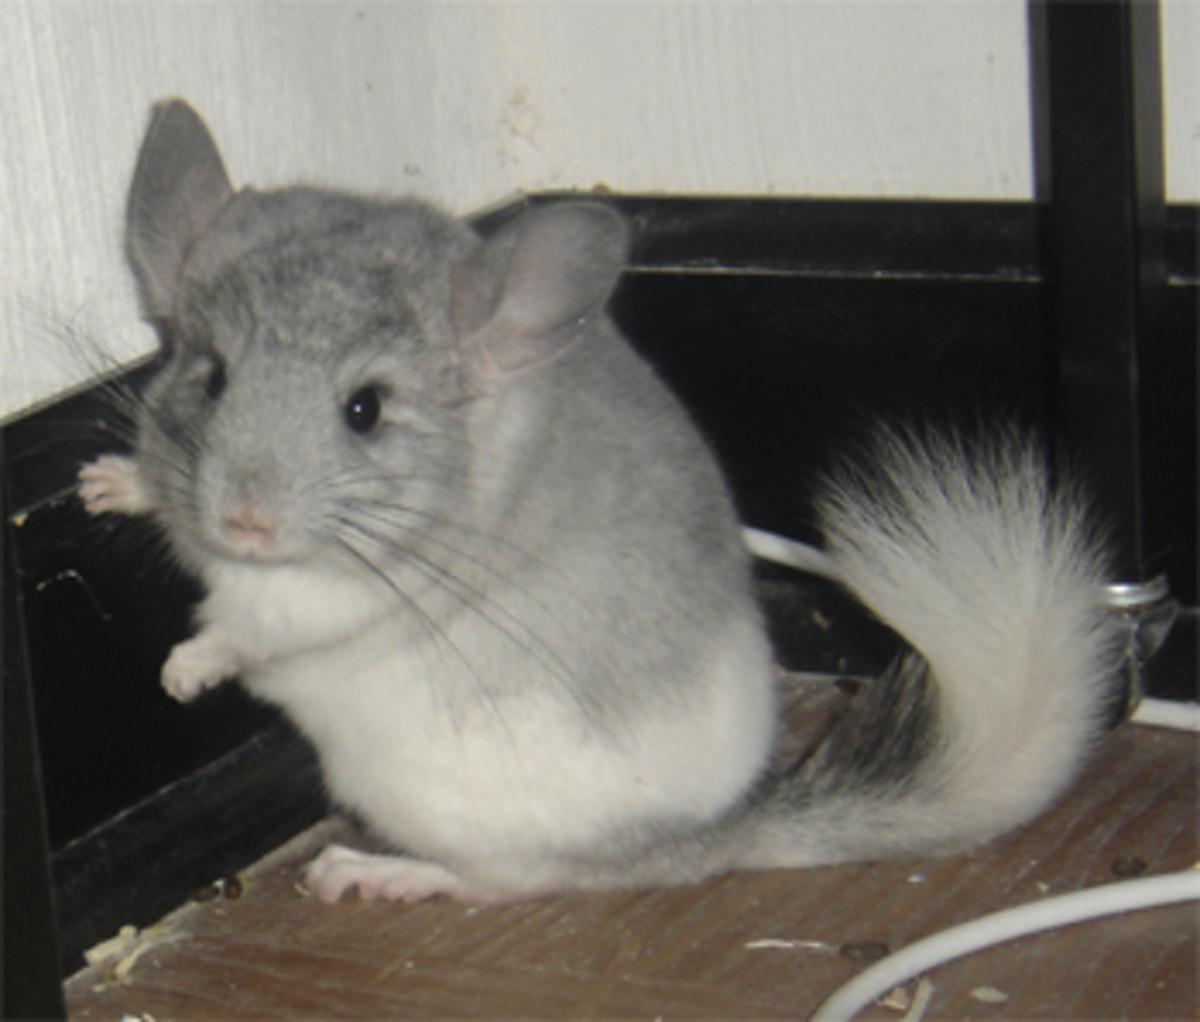 Chiko the chinchilla. Passed away 08.31.07